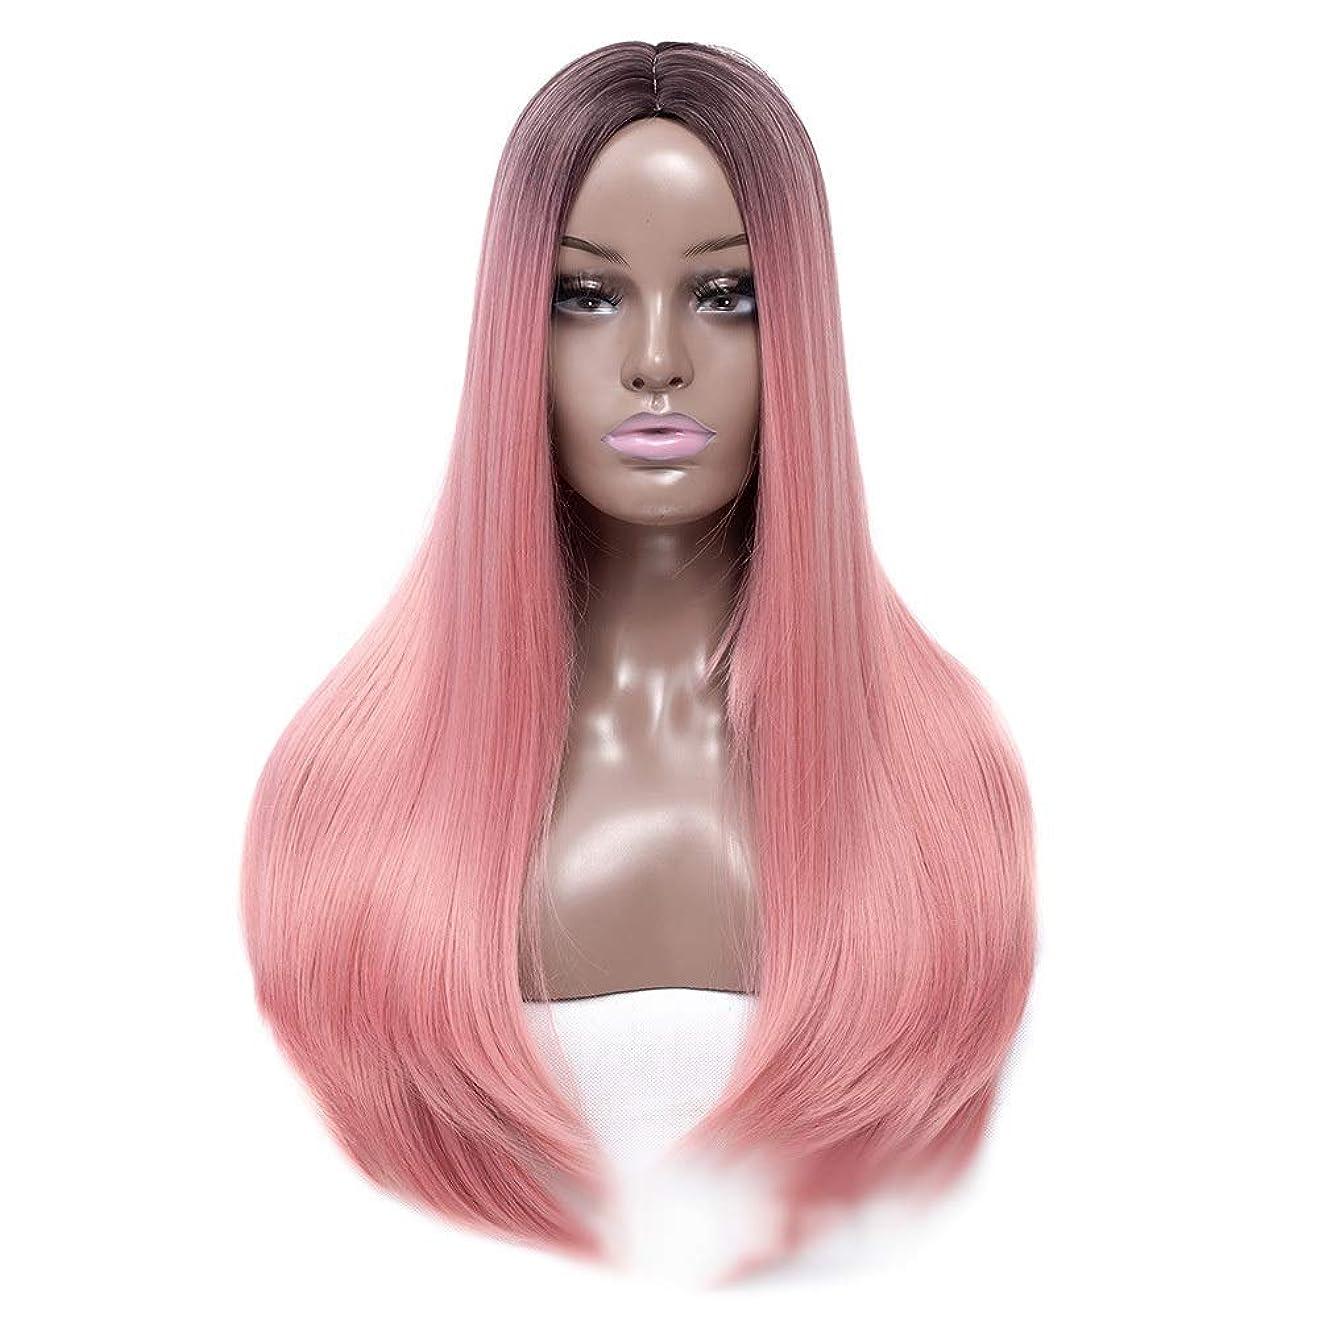 に対して女優ベルYESONEEP 女性のピンクのかつら22インチロングストレートヘアヒートセーフ人工毛ホワイトまたは淡い頭皮のパーティーのかつら (Color : ピンク)